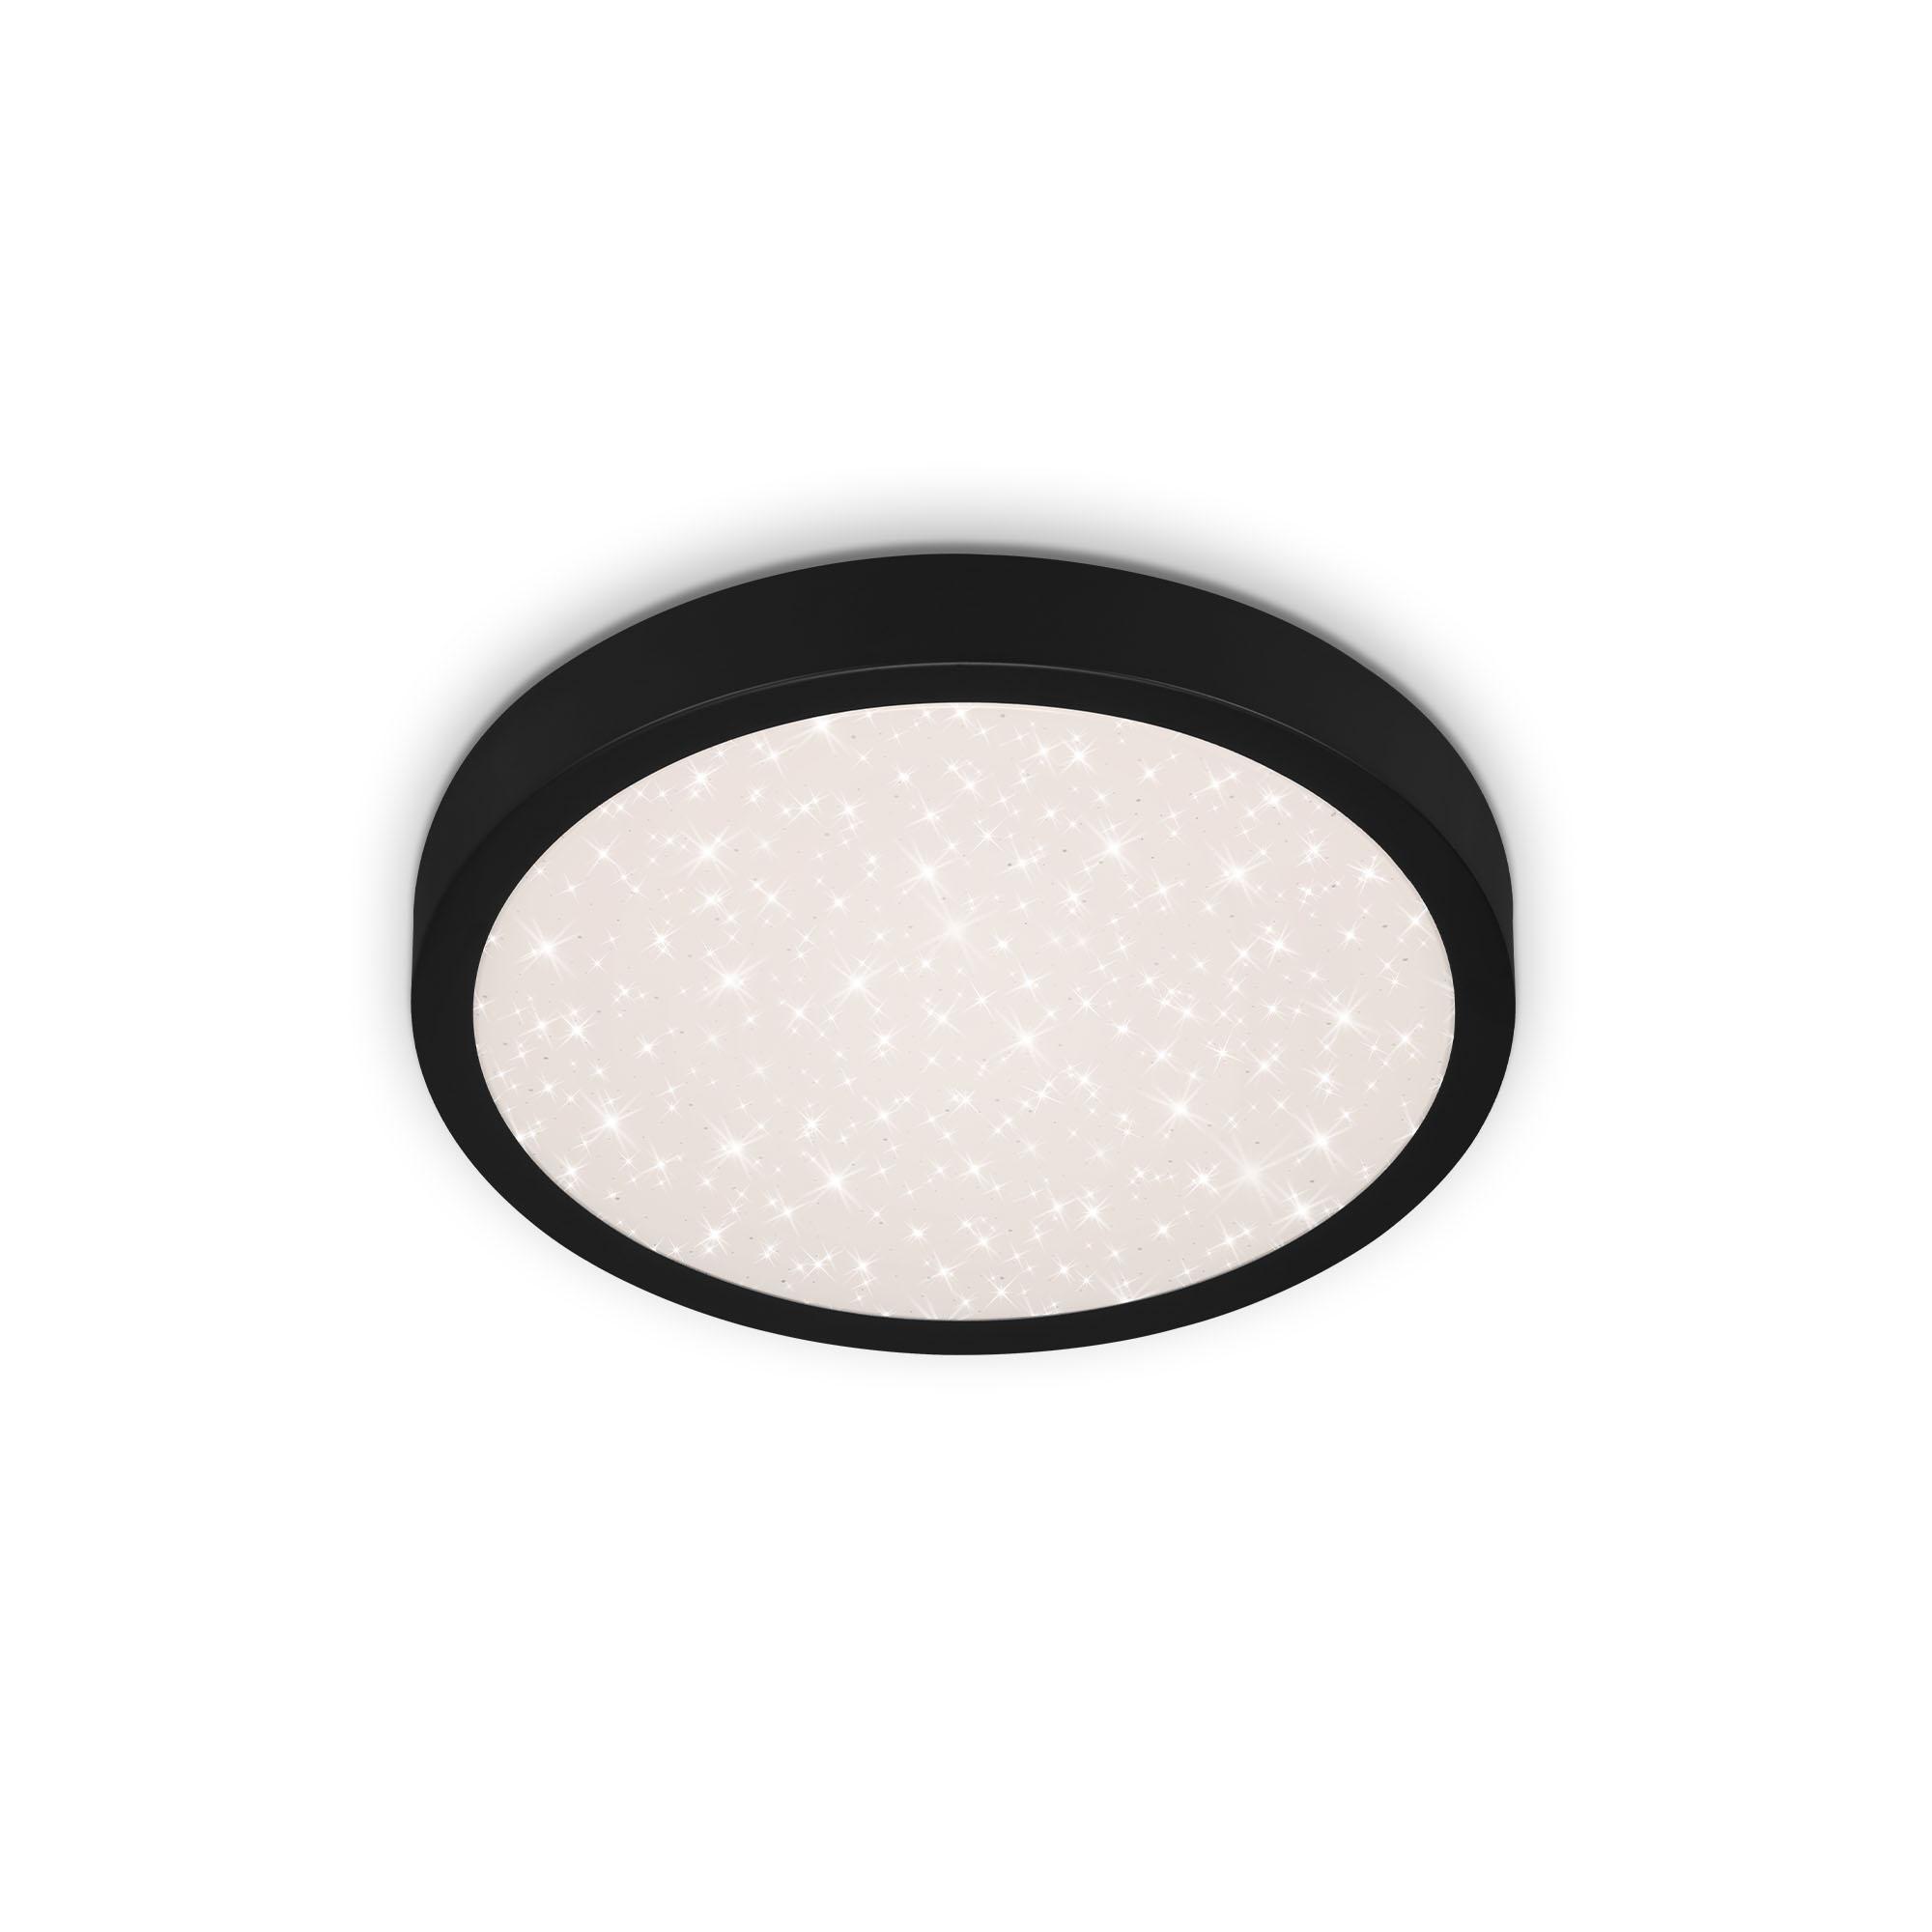 STERNENHIMMEL LED Deckenleuchte, Ø 28 cm, 18 W, Schwarz